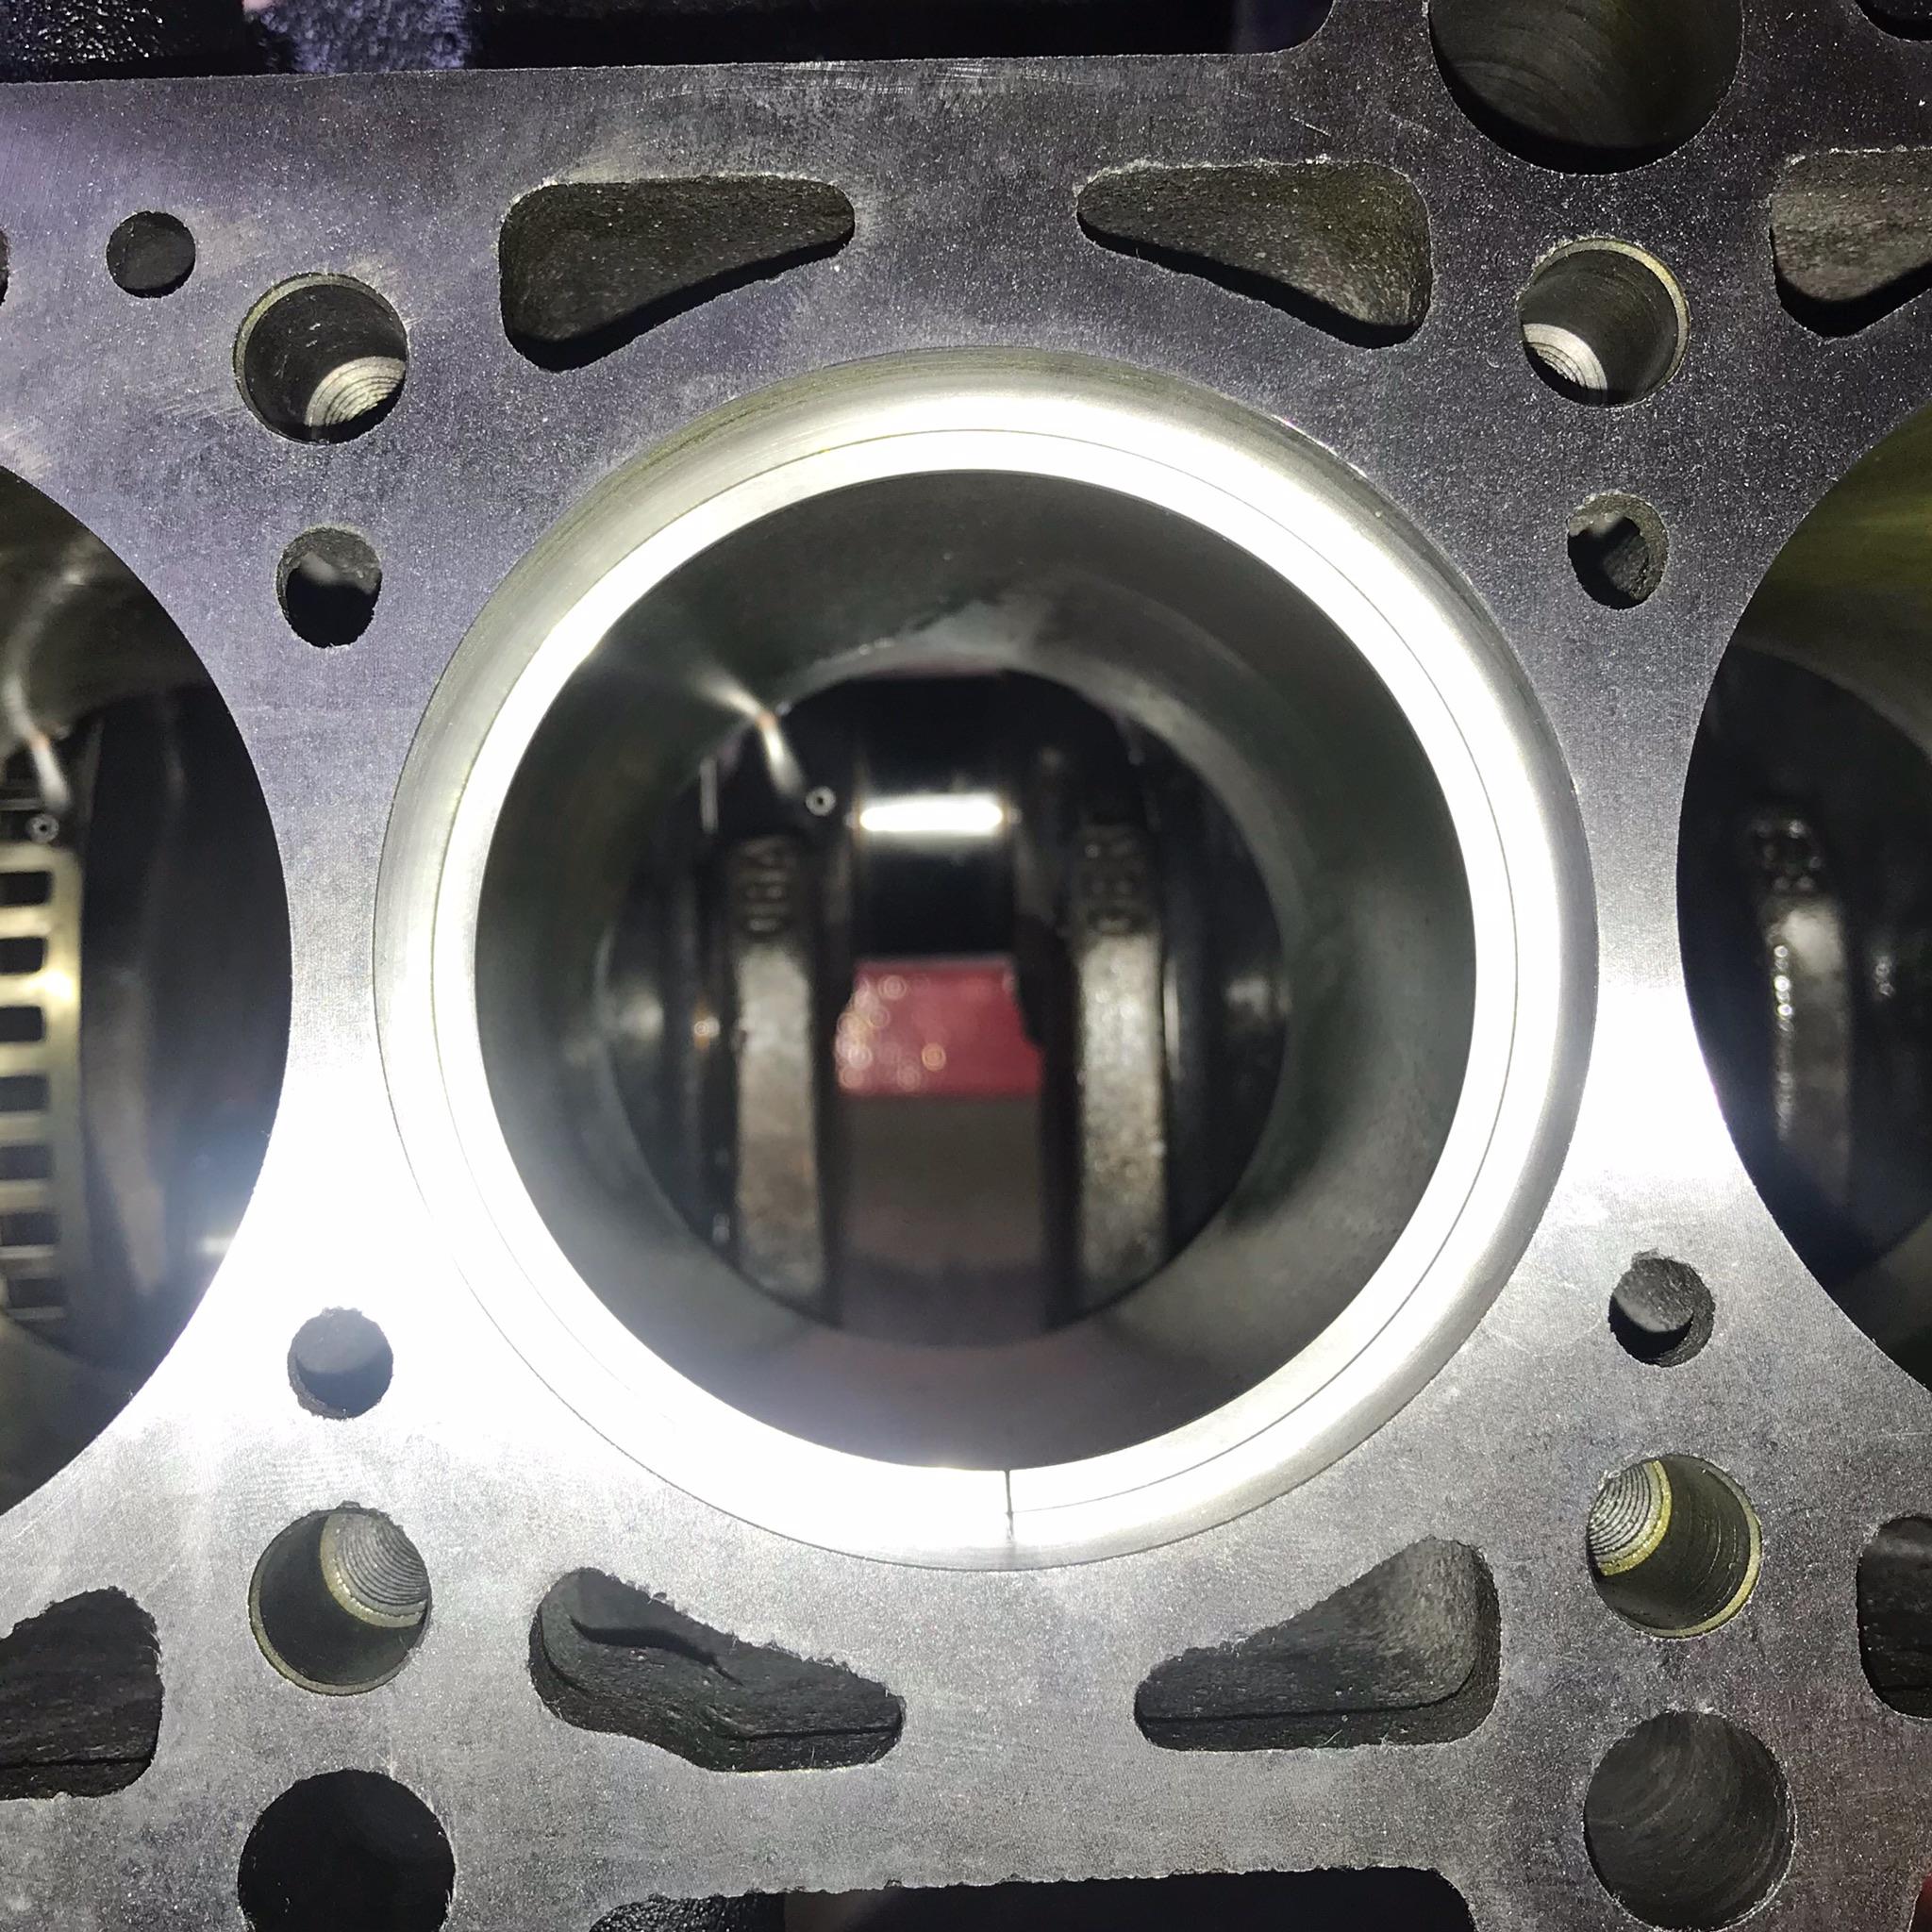 AB7E7A35-DBE1-4D46-A08D-2A159C1359FA.jpeg